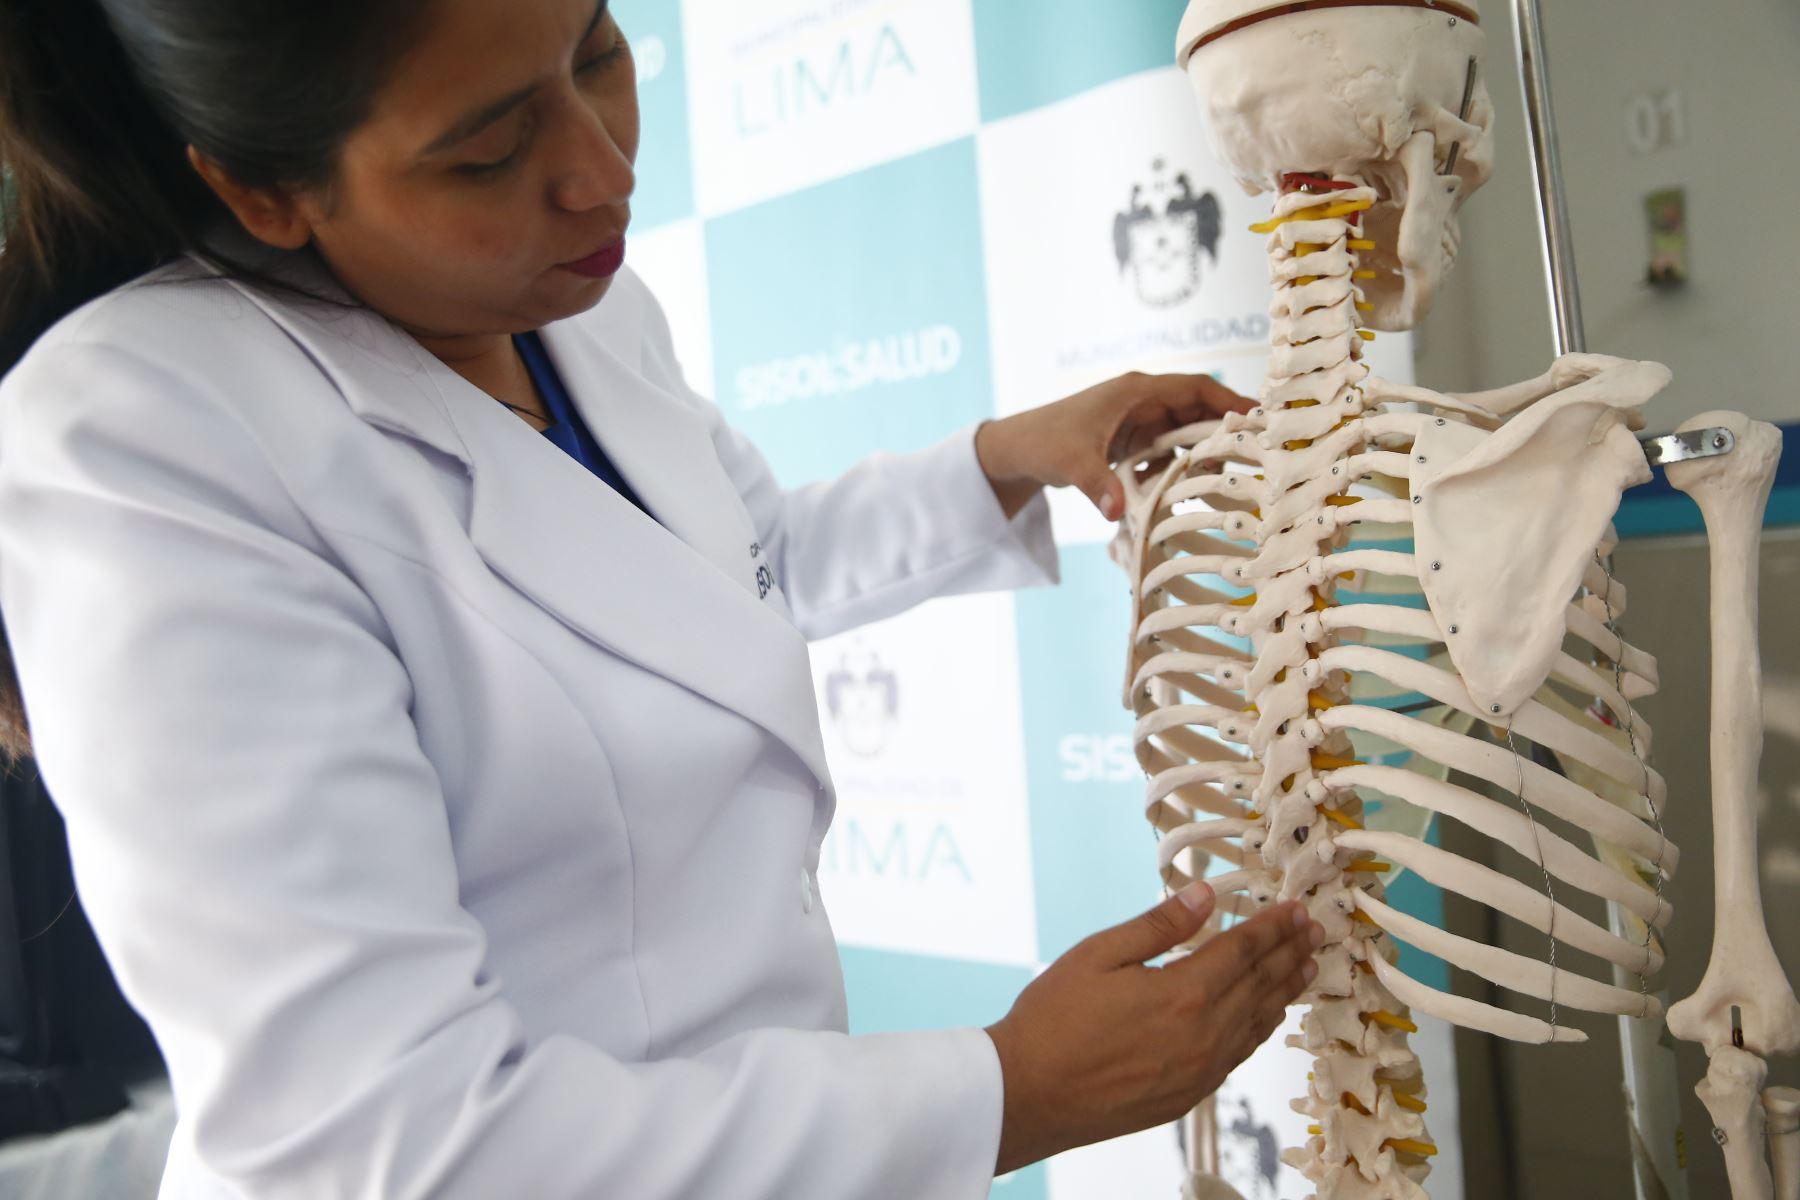 Las desviaciones de columna son frecuentes en los alumnos que usan la mochila pesada de un solo lado del cuerpo. Foto: ANDINA/Jhonel Rodríguez Robles